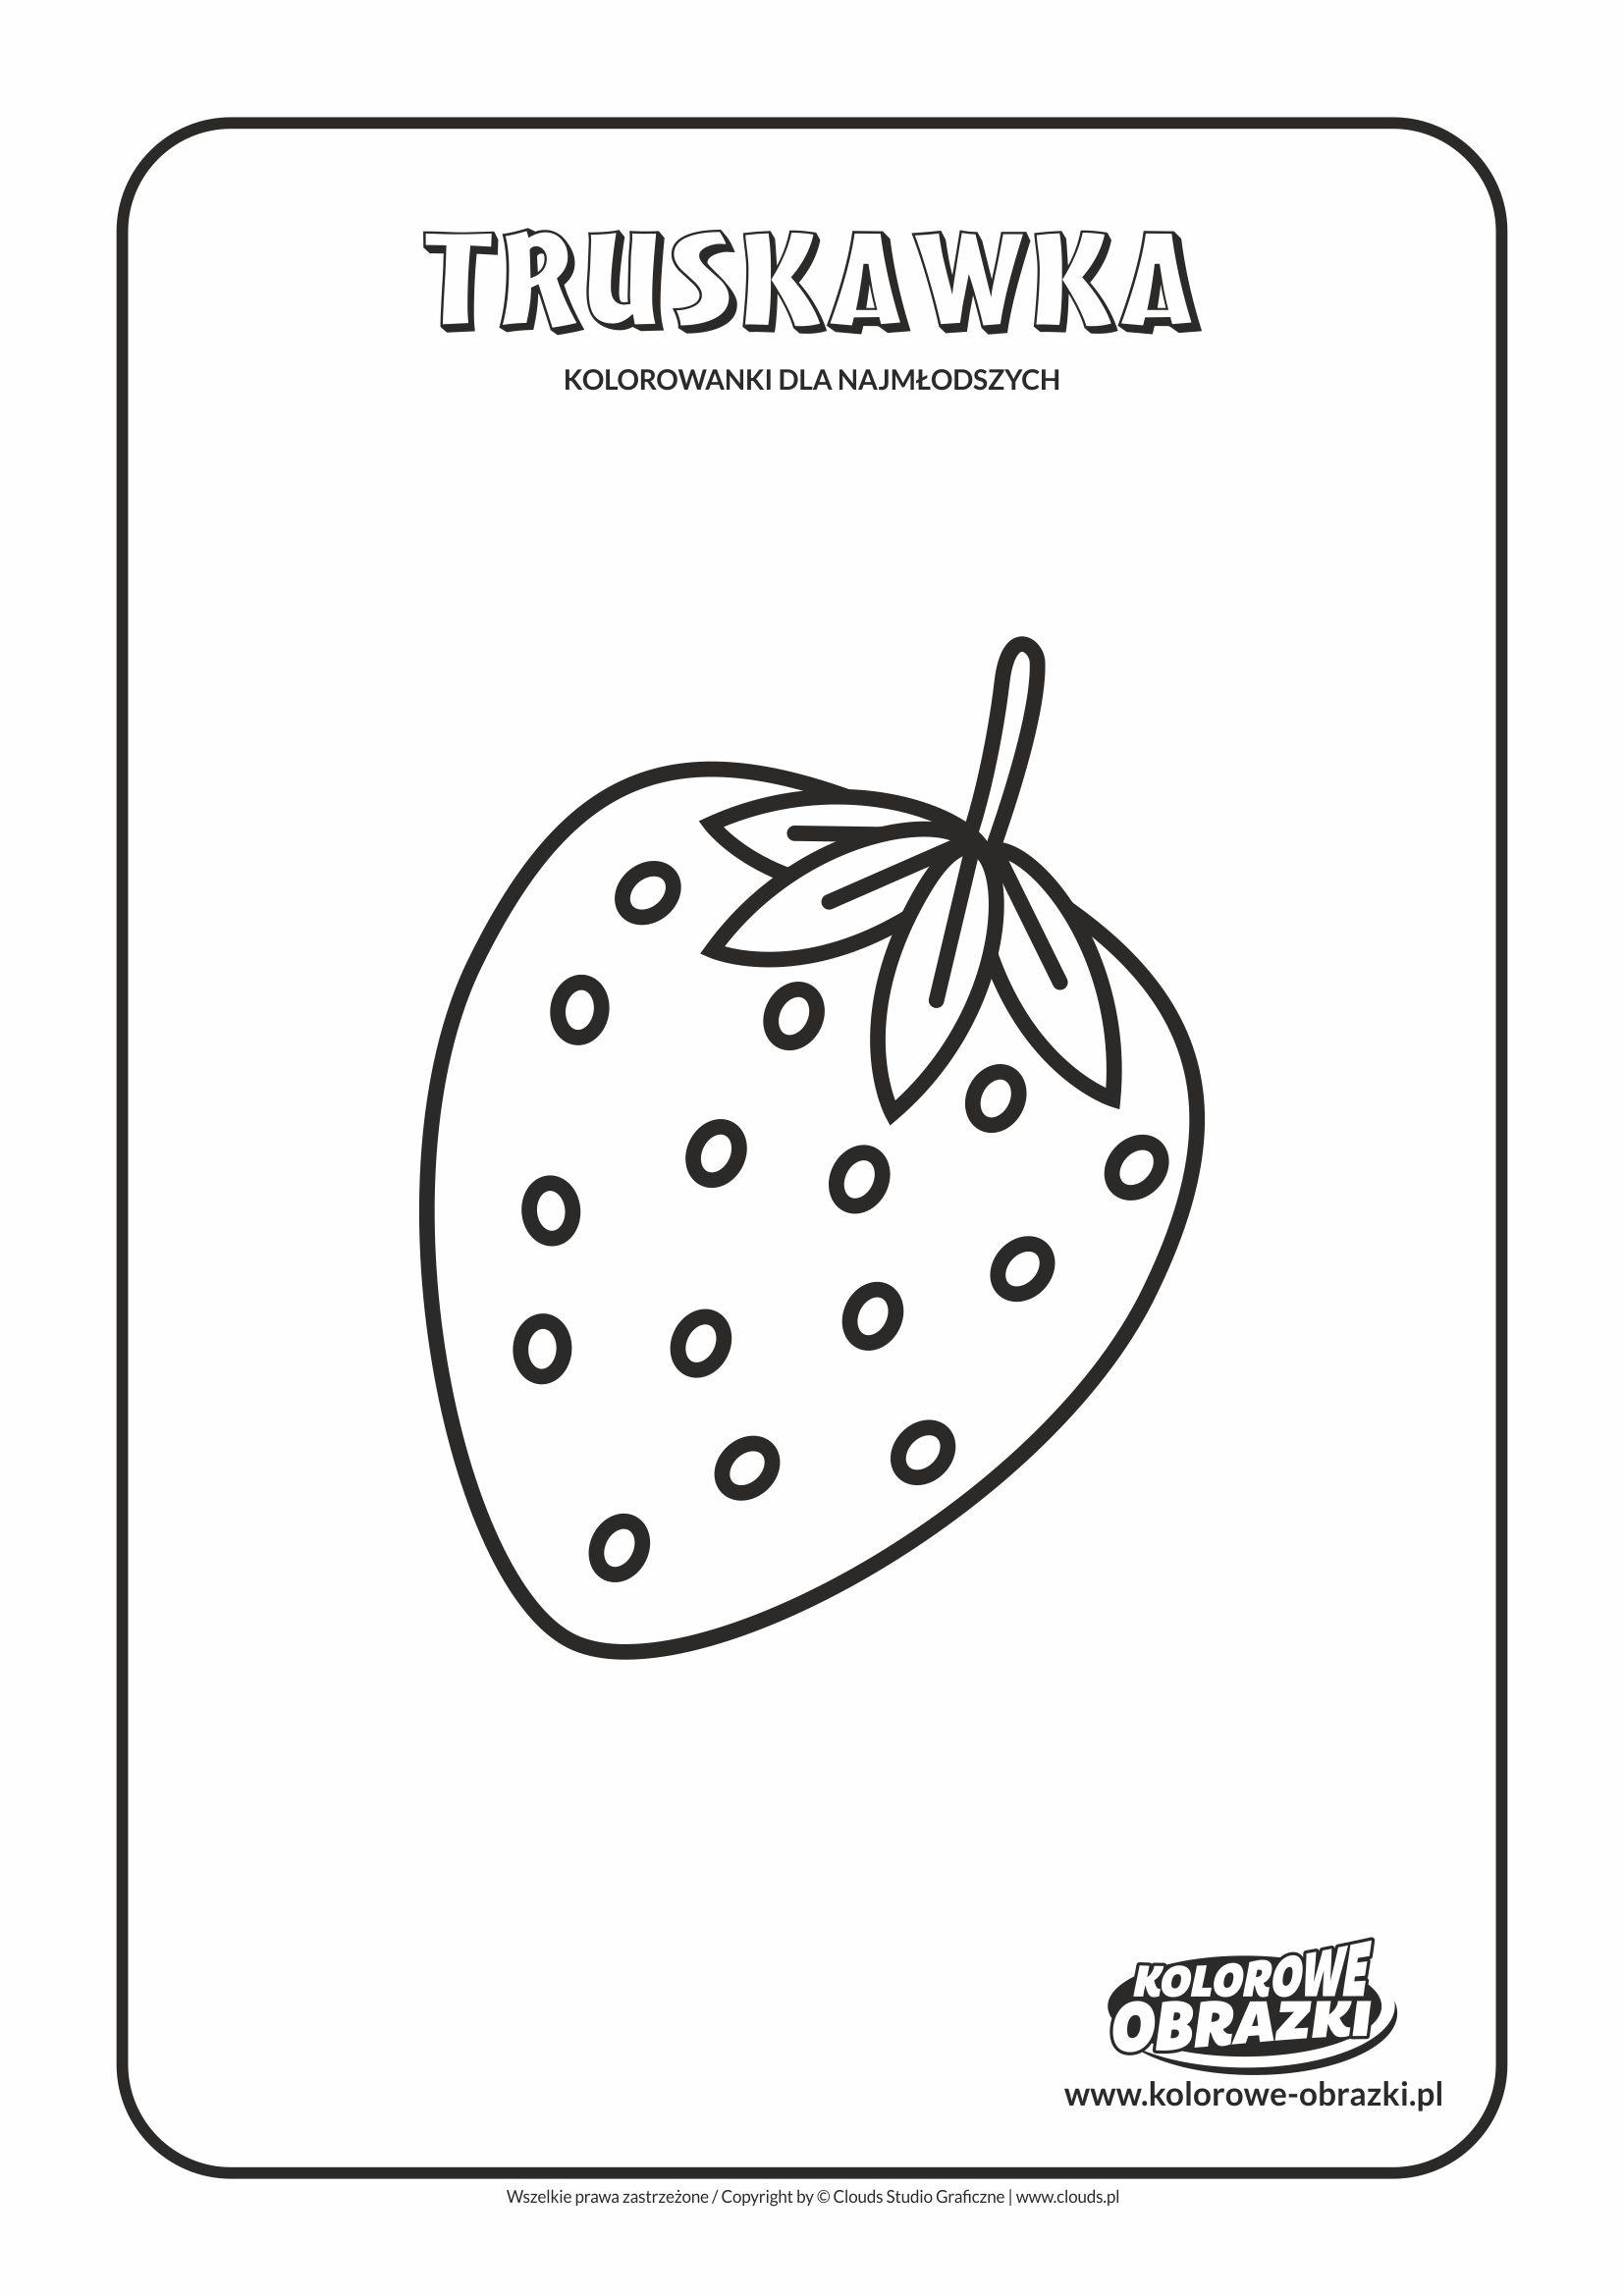 Proste kolorowanki dla najmłodszych - Owoce / Truskawka. Kolorowanka z truskawką